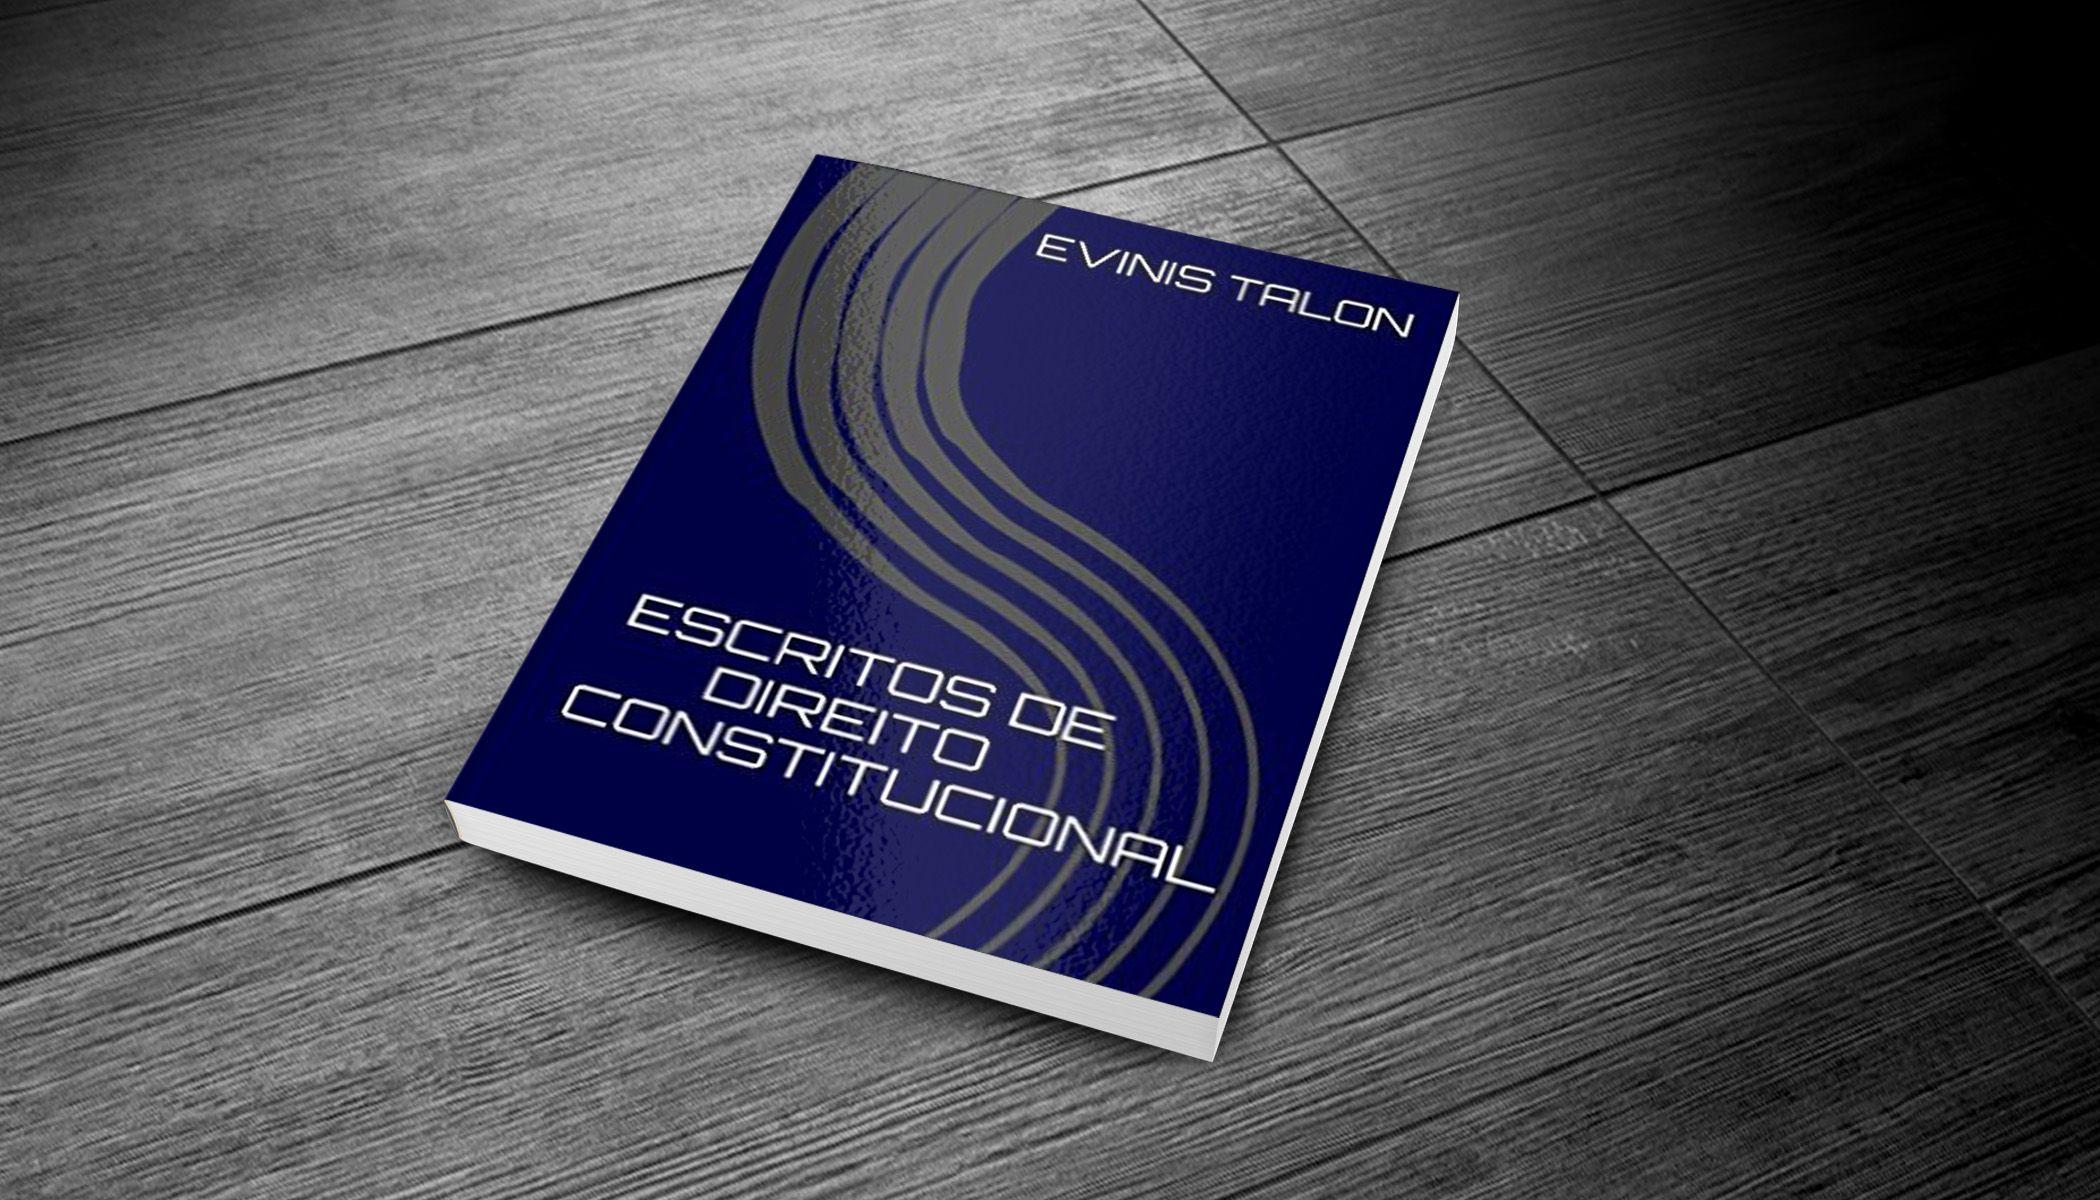 Escritos de Direito Constitucional